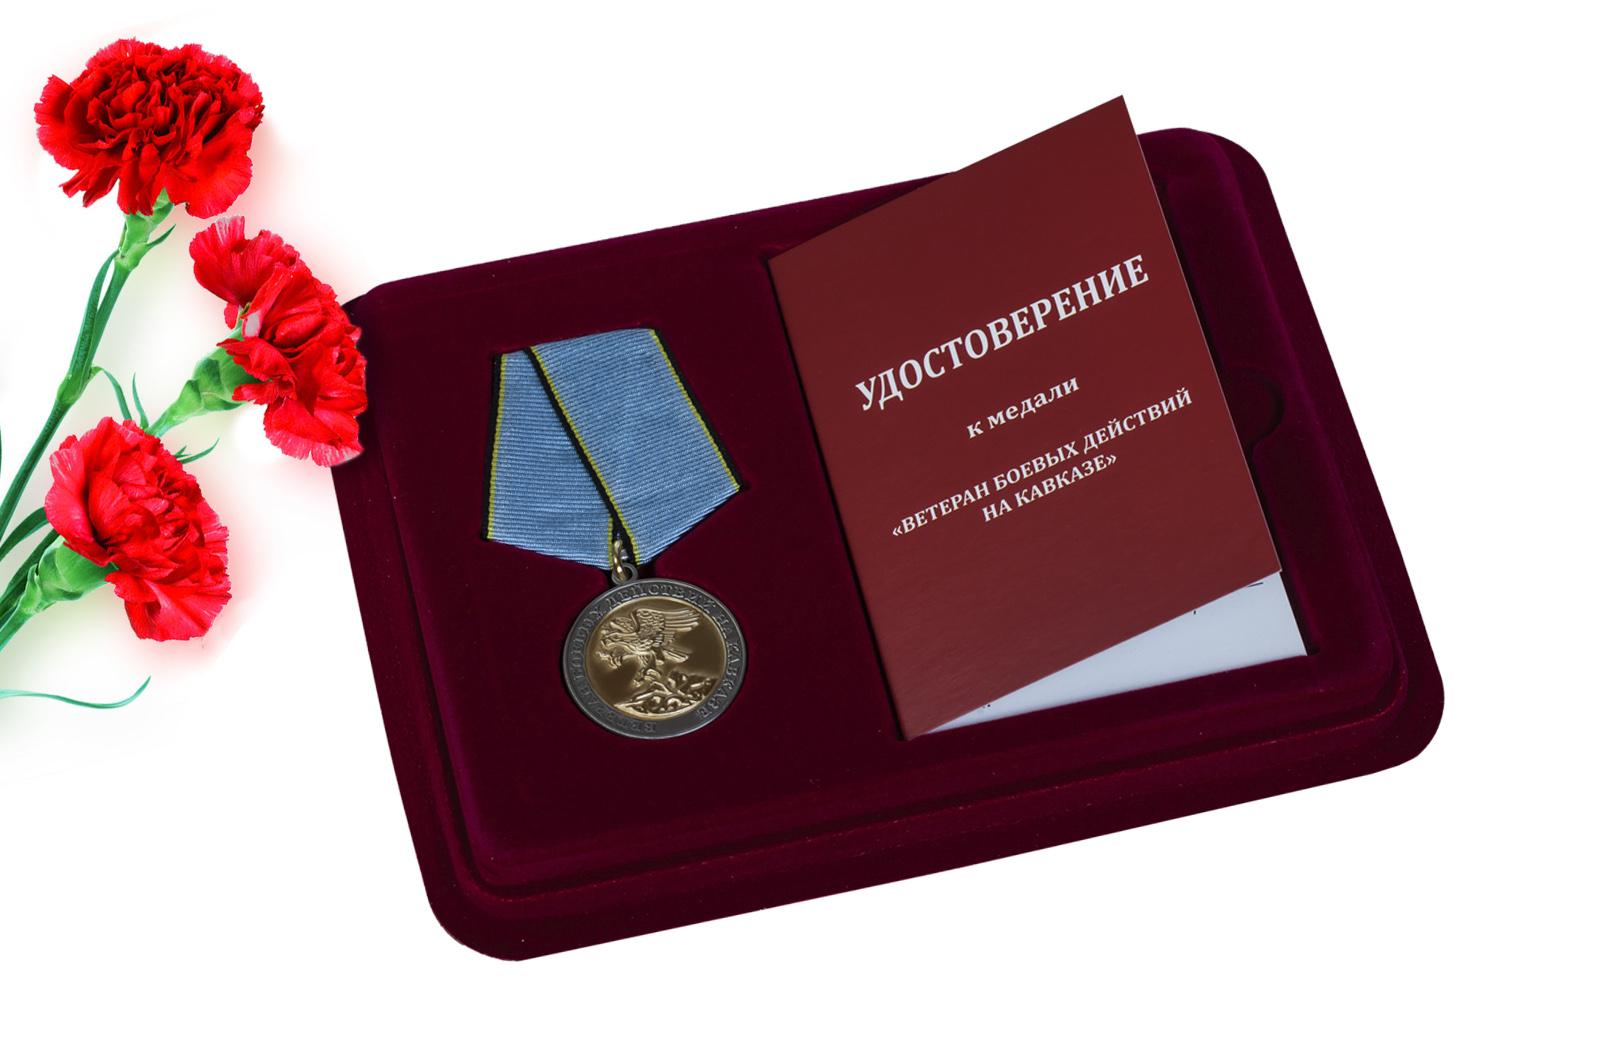 Купить медаль Ветеран боевых действий на Кавказе онлайн выгодно